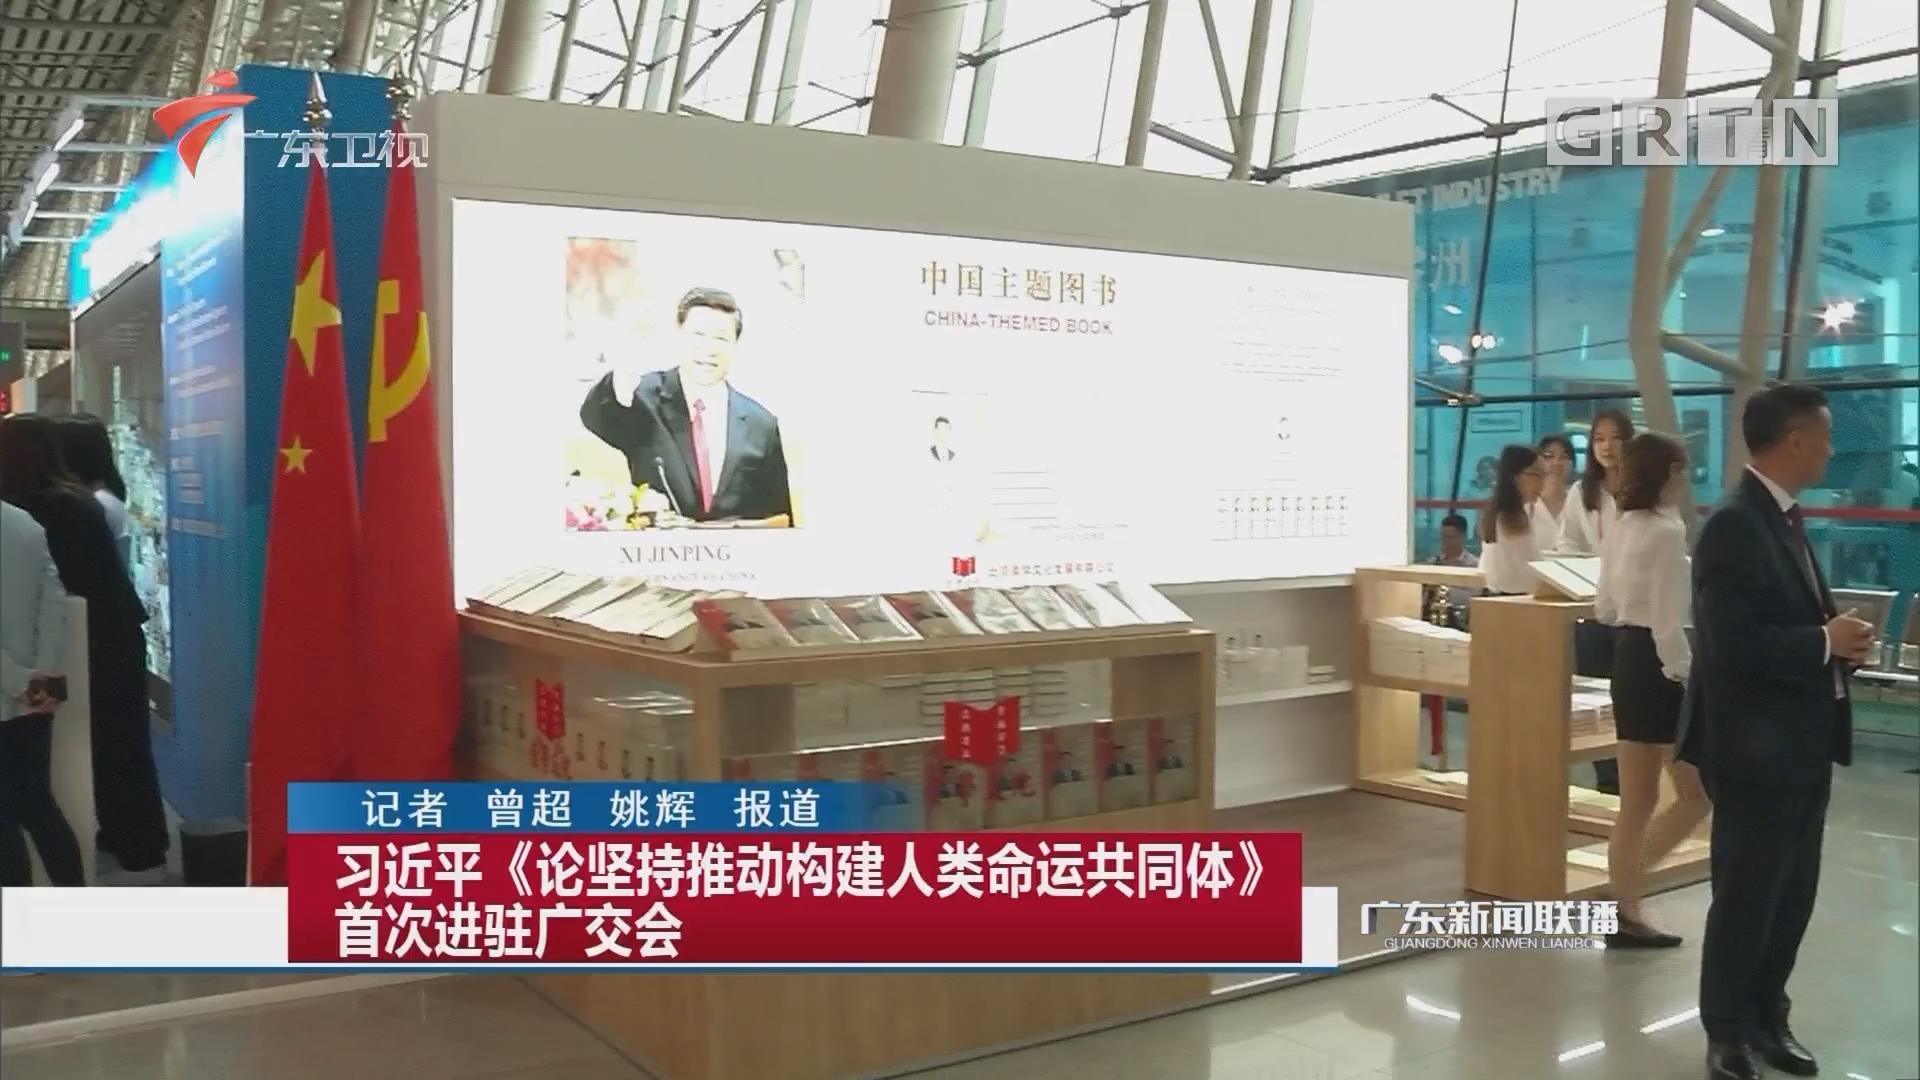 习近平《论坚持推动构建人类命运共同体》首次进驻广交会